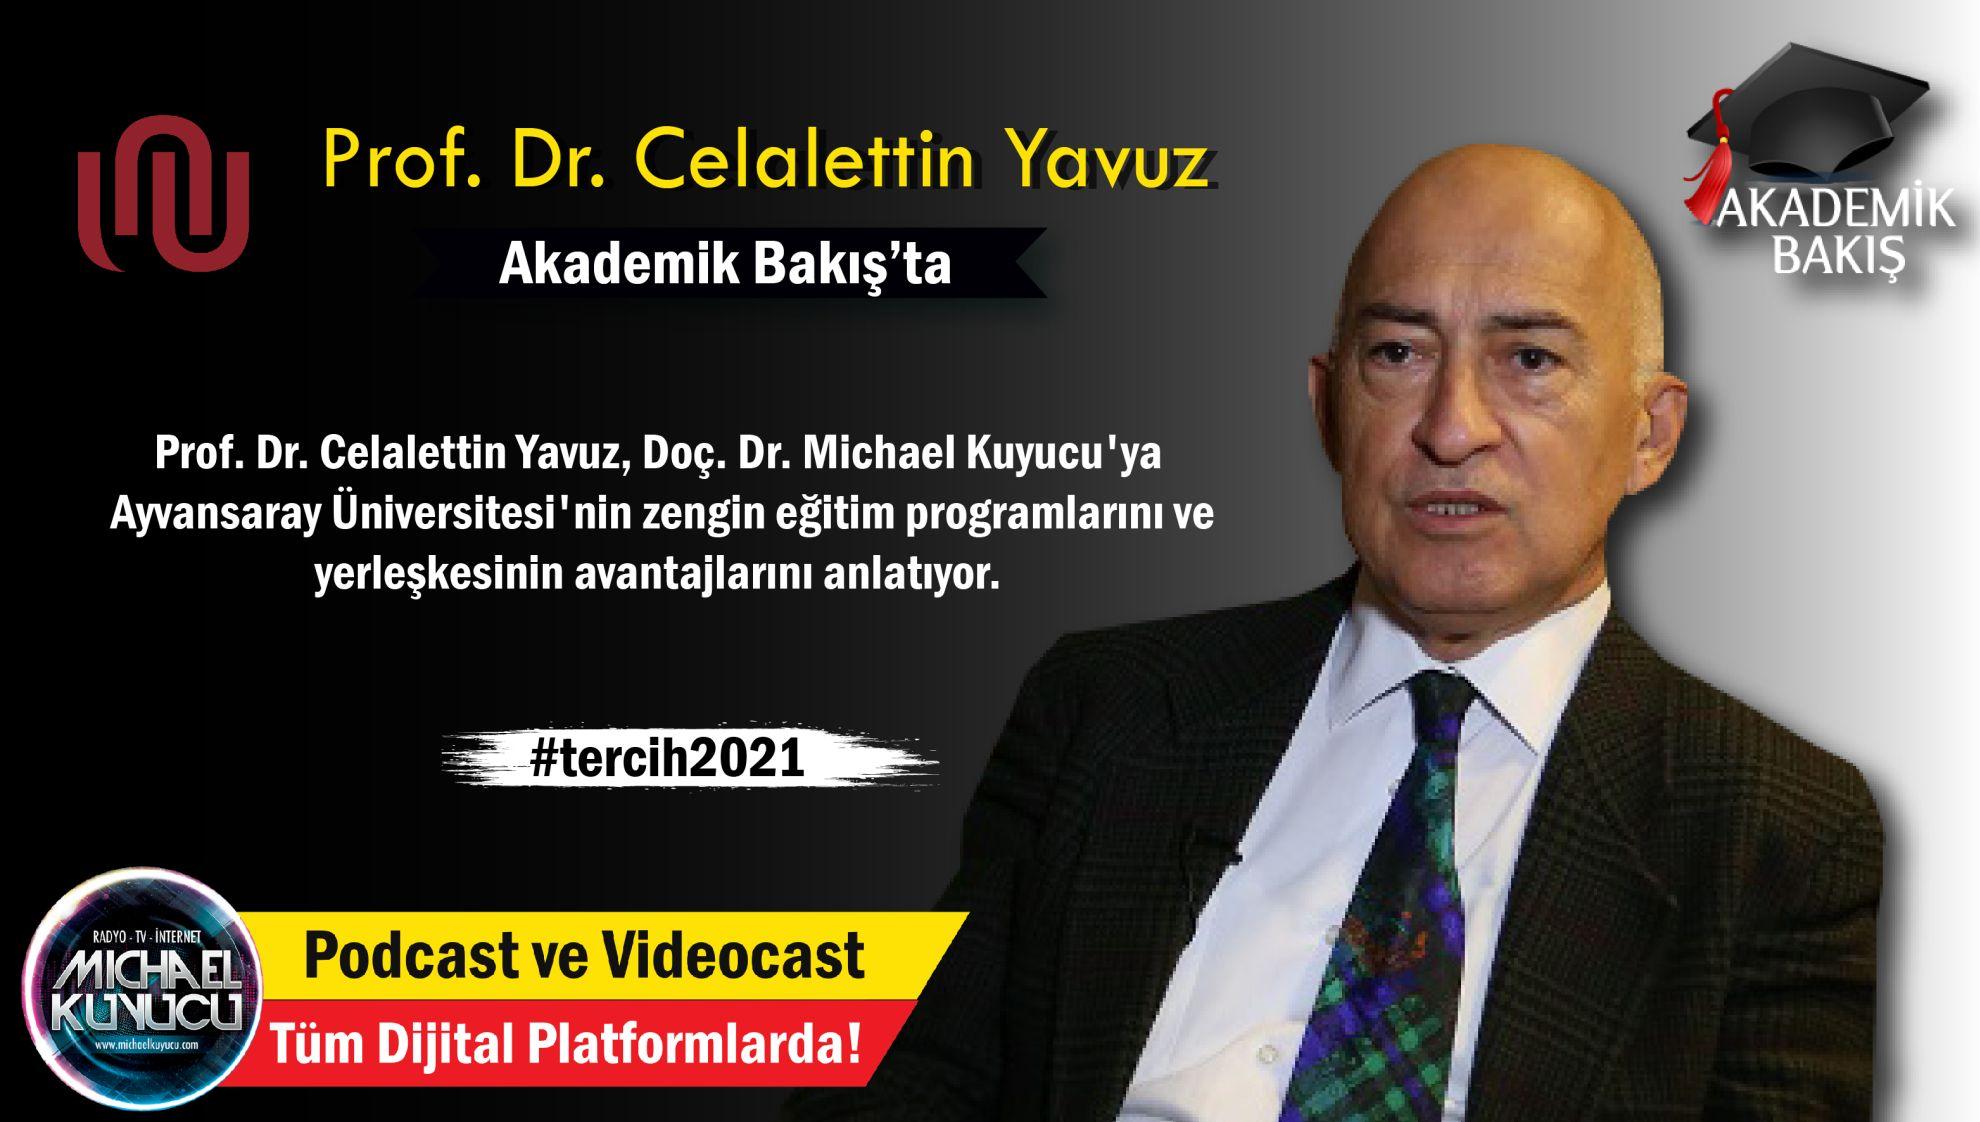 Prof. Dr. Celalettin Yavuz: % 51'i Cebe Koyarsanız Kazanırsınız